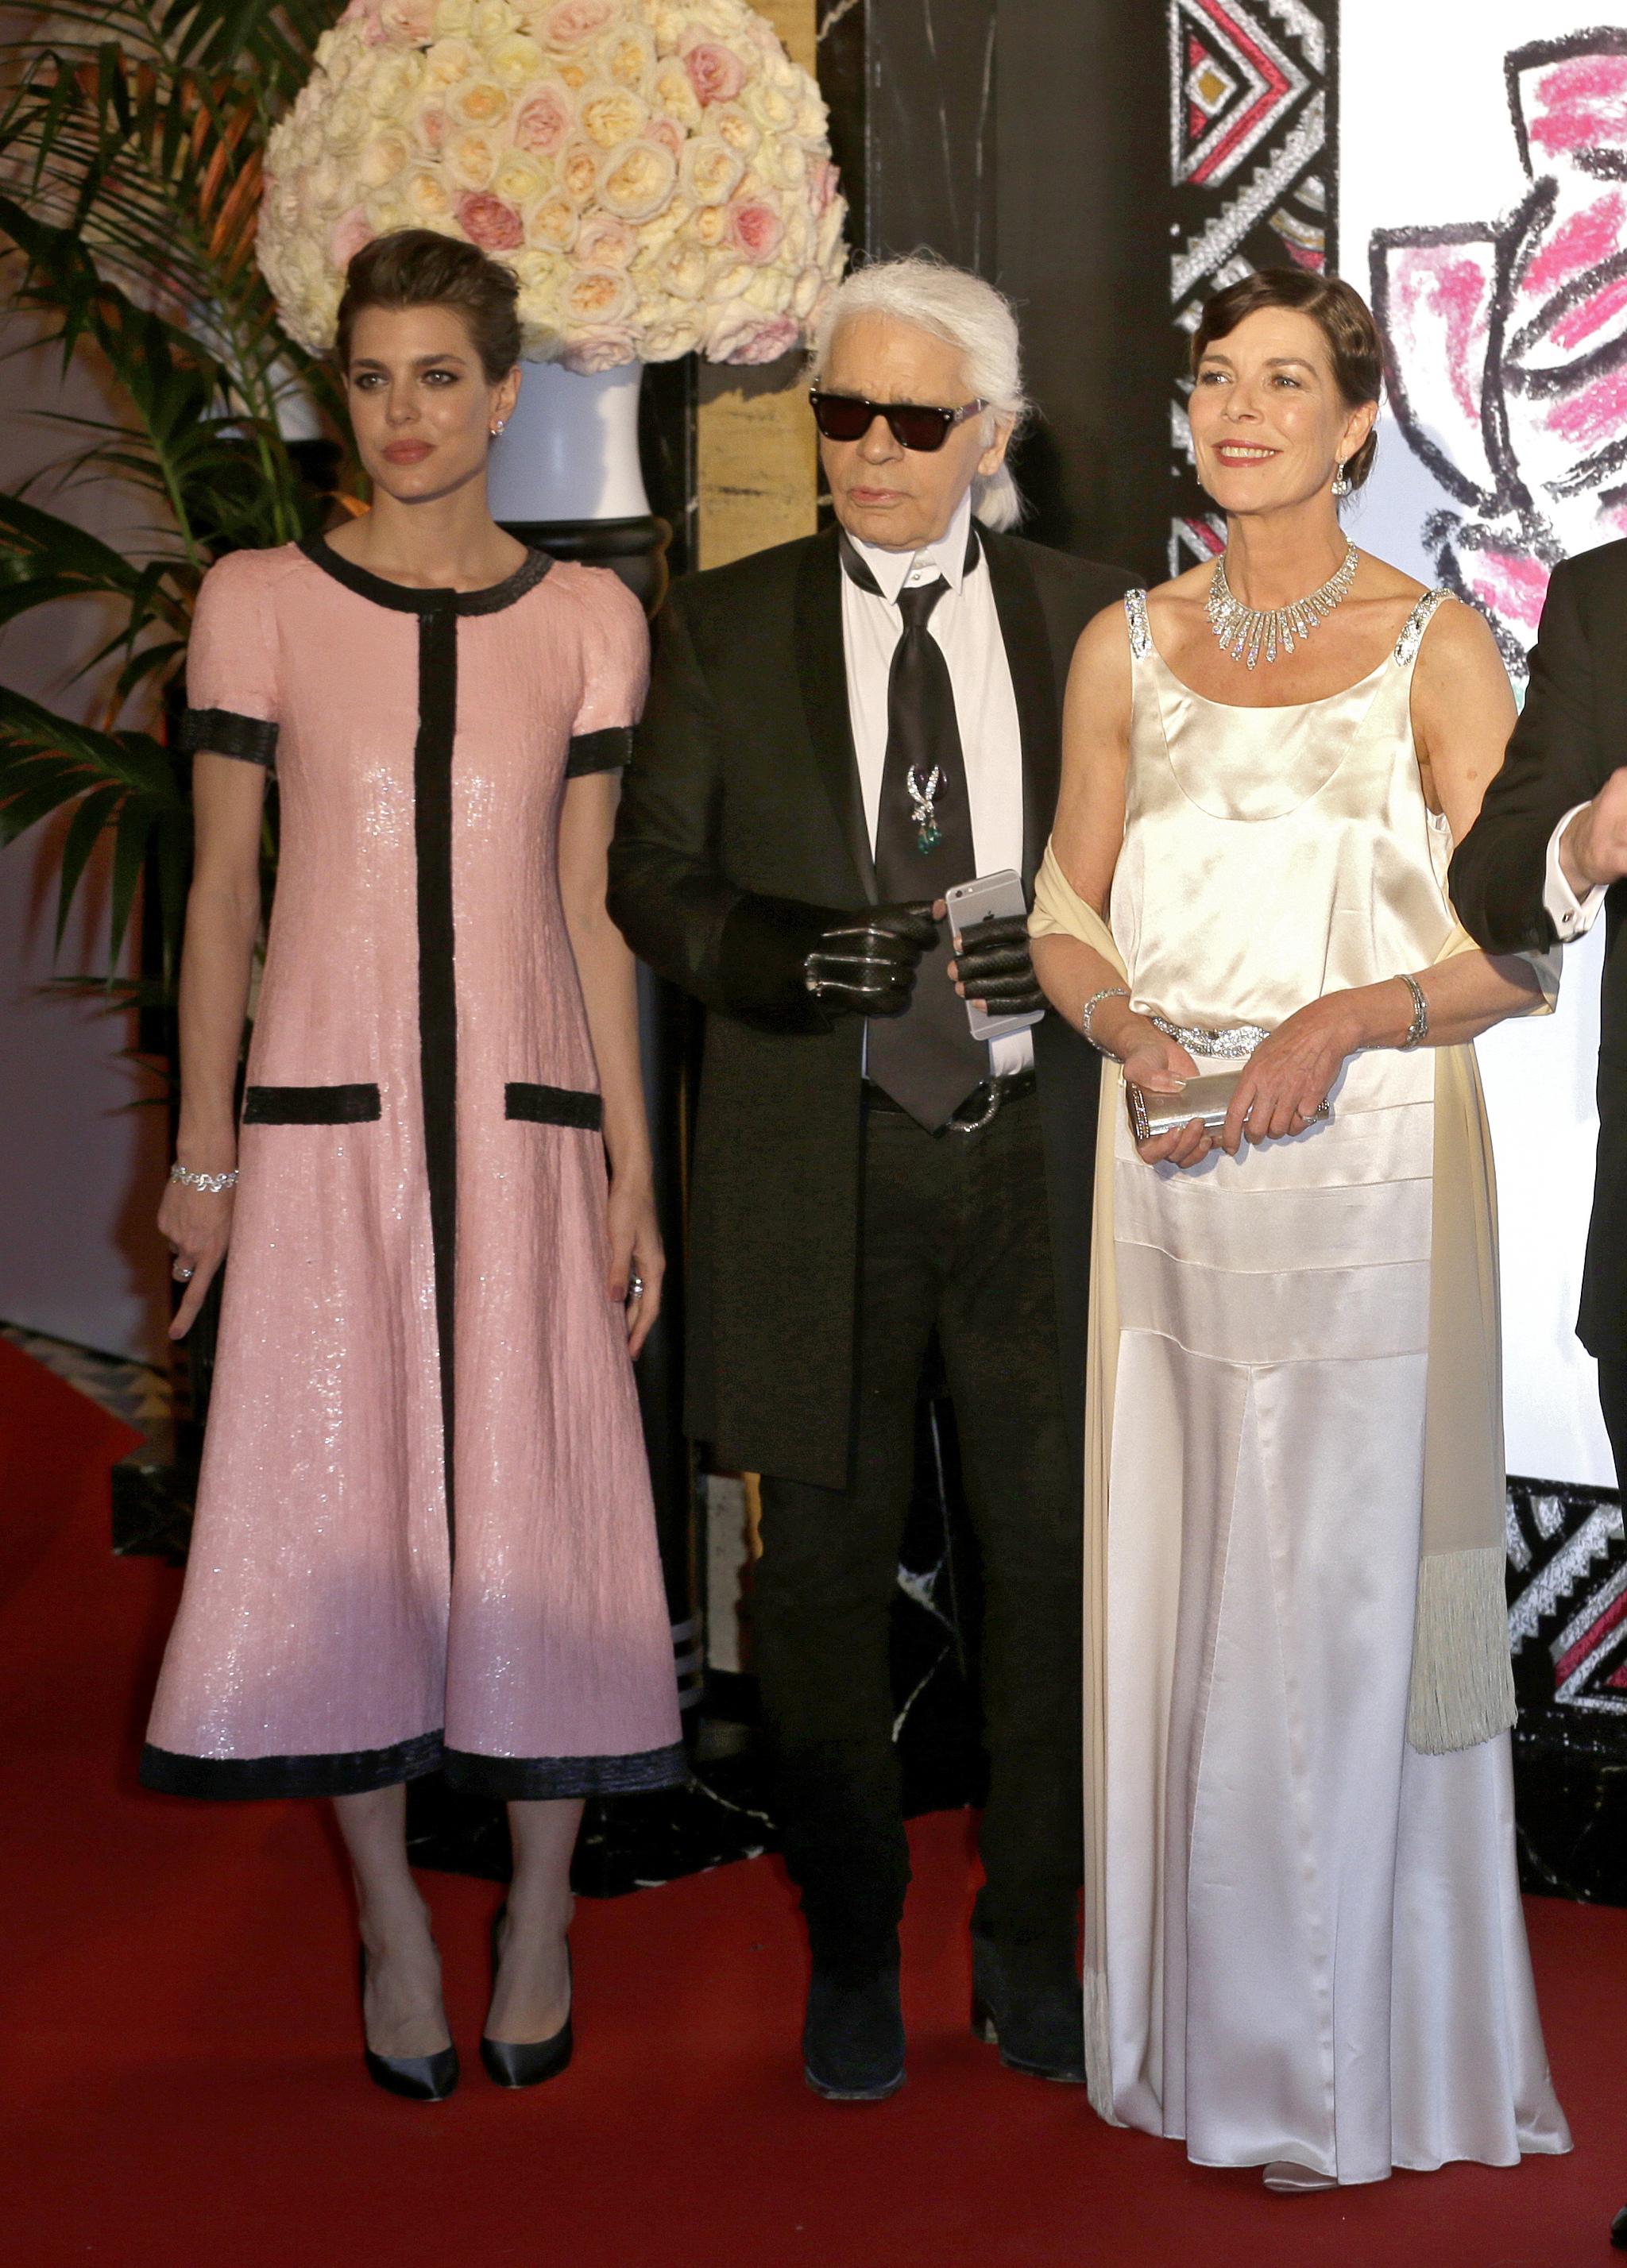 Carlota Casiraghi en el baile de la rosa con Karl Lagerfeld y su madre, Carolina de Mónaco.